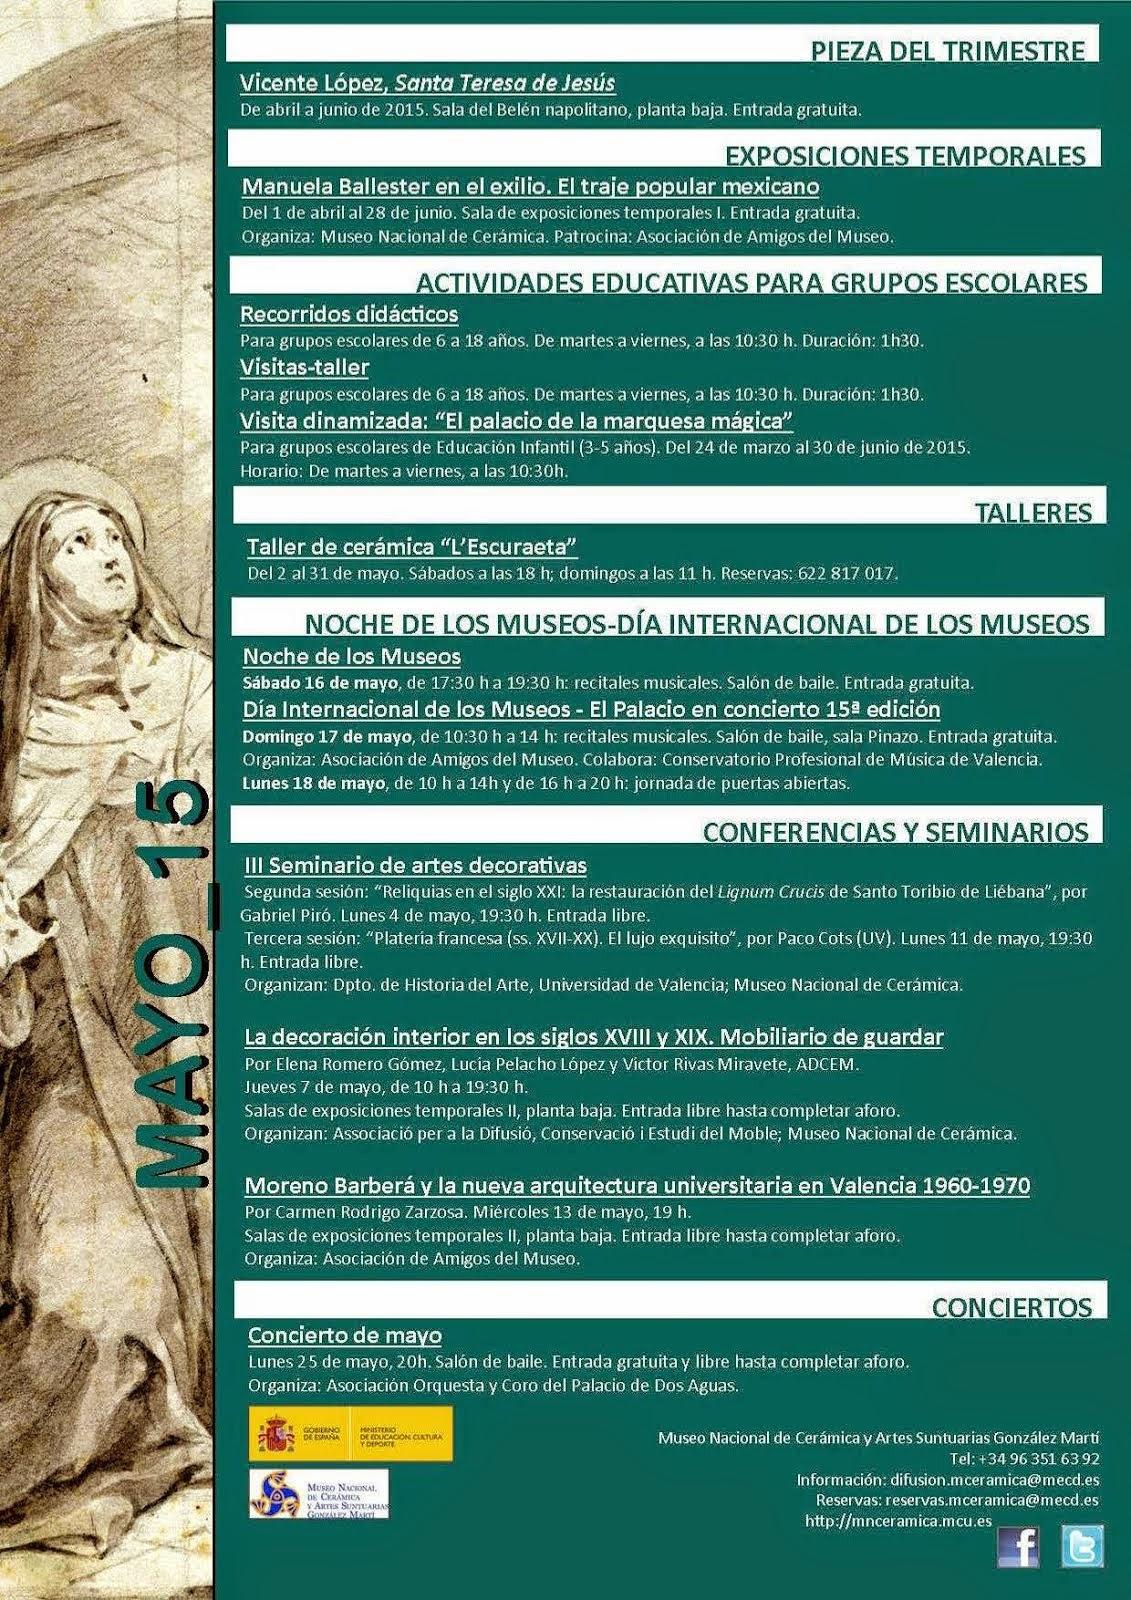 PROGRAMACIÓN DE MAYO 2015 MUSEO NACIONAL DE CERÁMICA